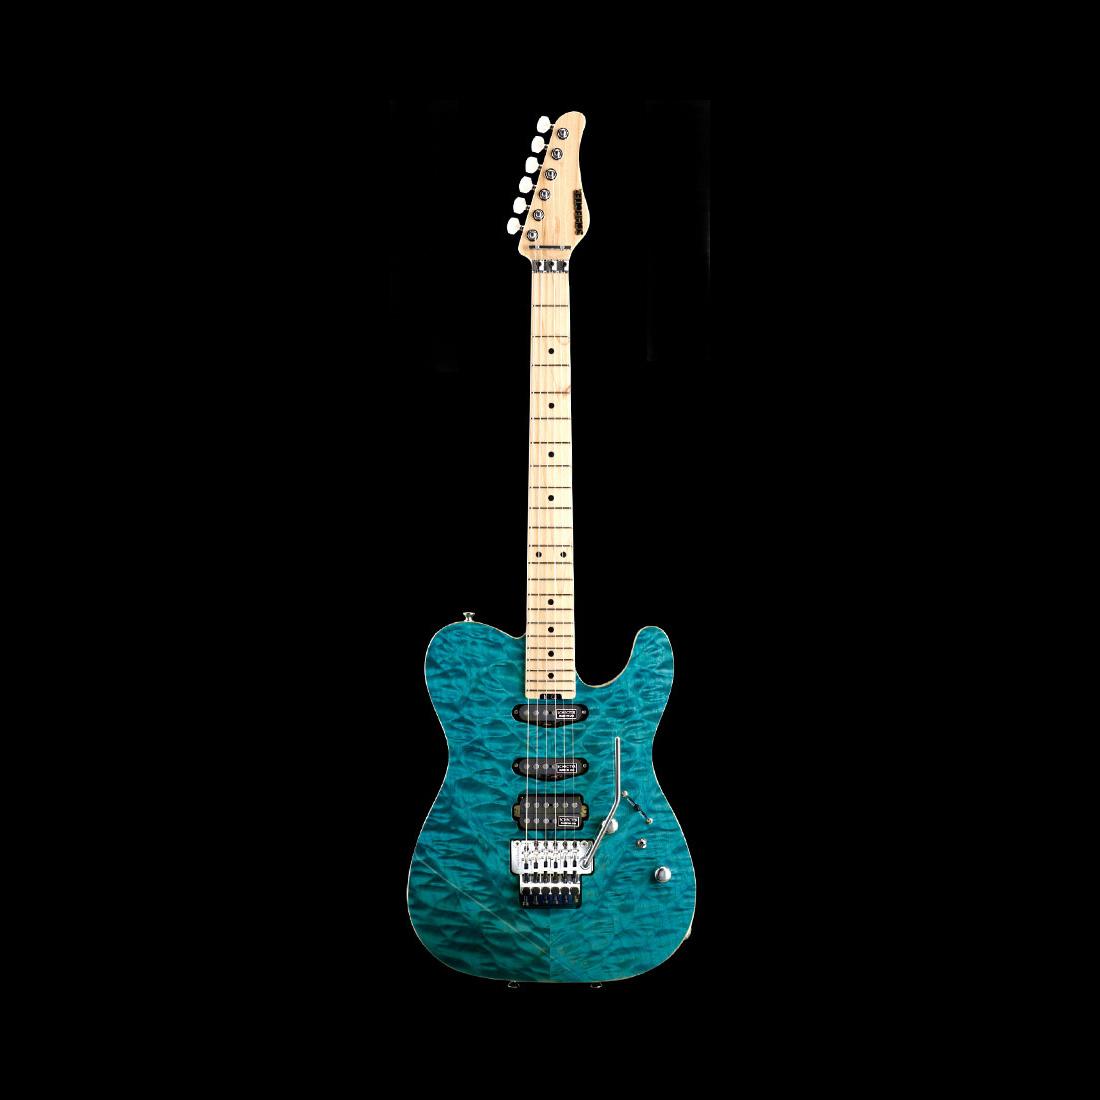 Schecter / PT-IV-CTM-FRT M Indigo Ligt Blue シェクター エレキギター 《受注生産:予約受付中》